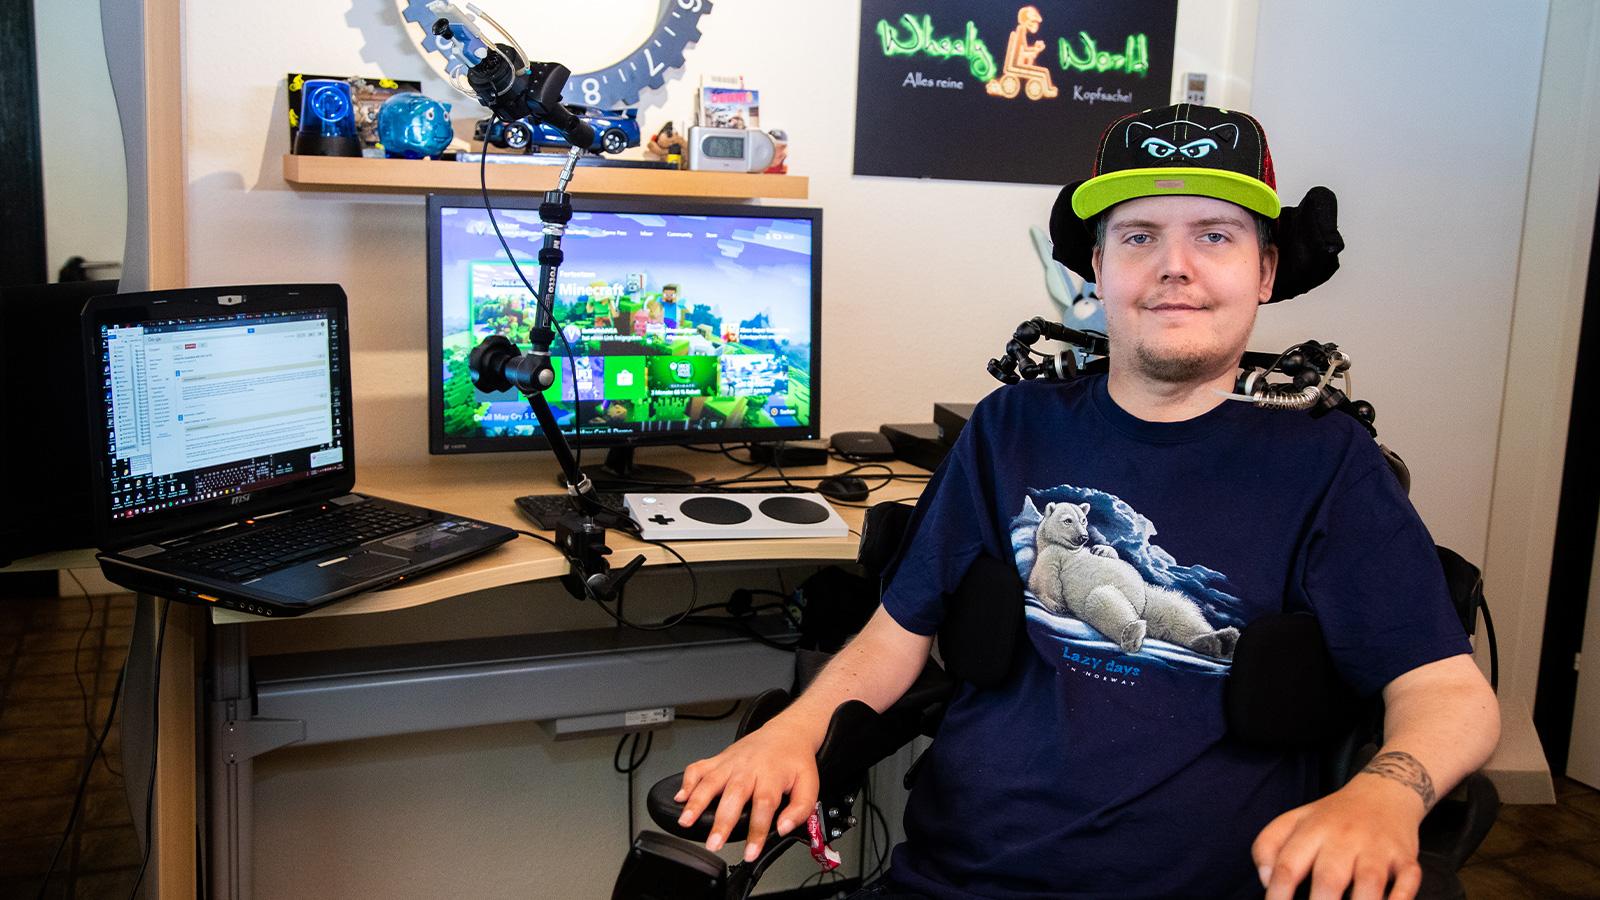 Xbox-Gamer vor seinem benutzerdefinierten Gaming-Setup mit Xbox Adaptive Controller